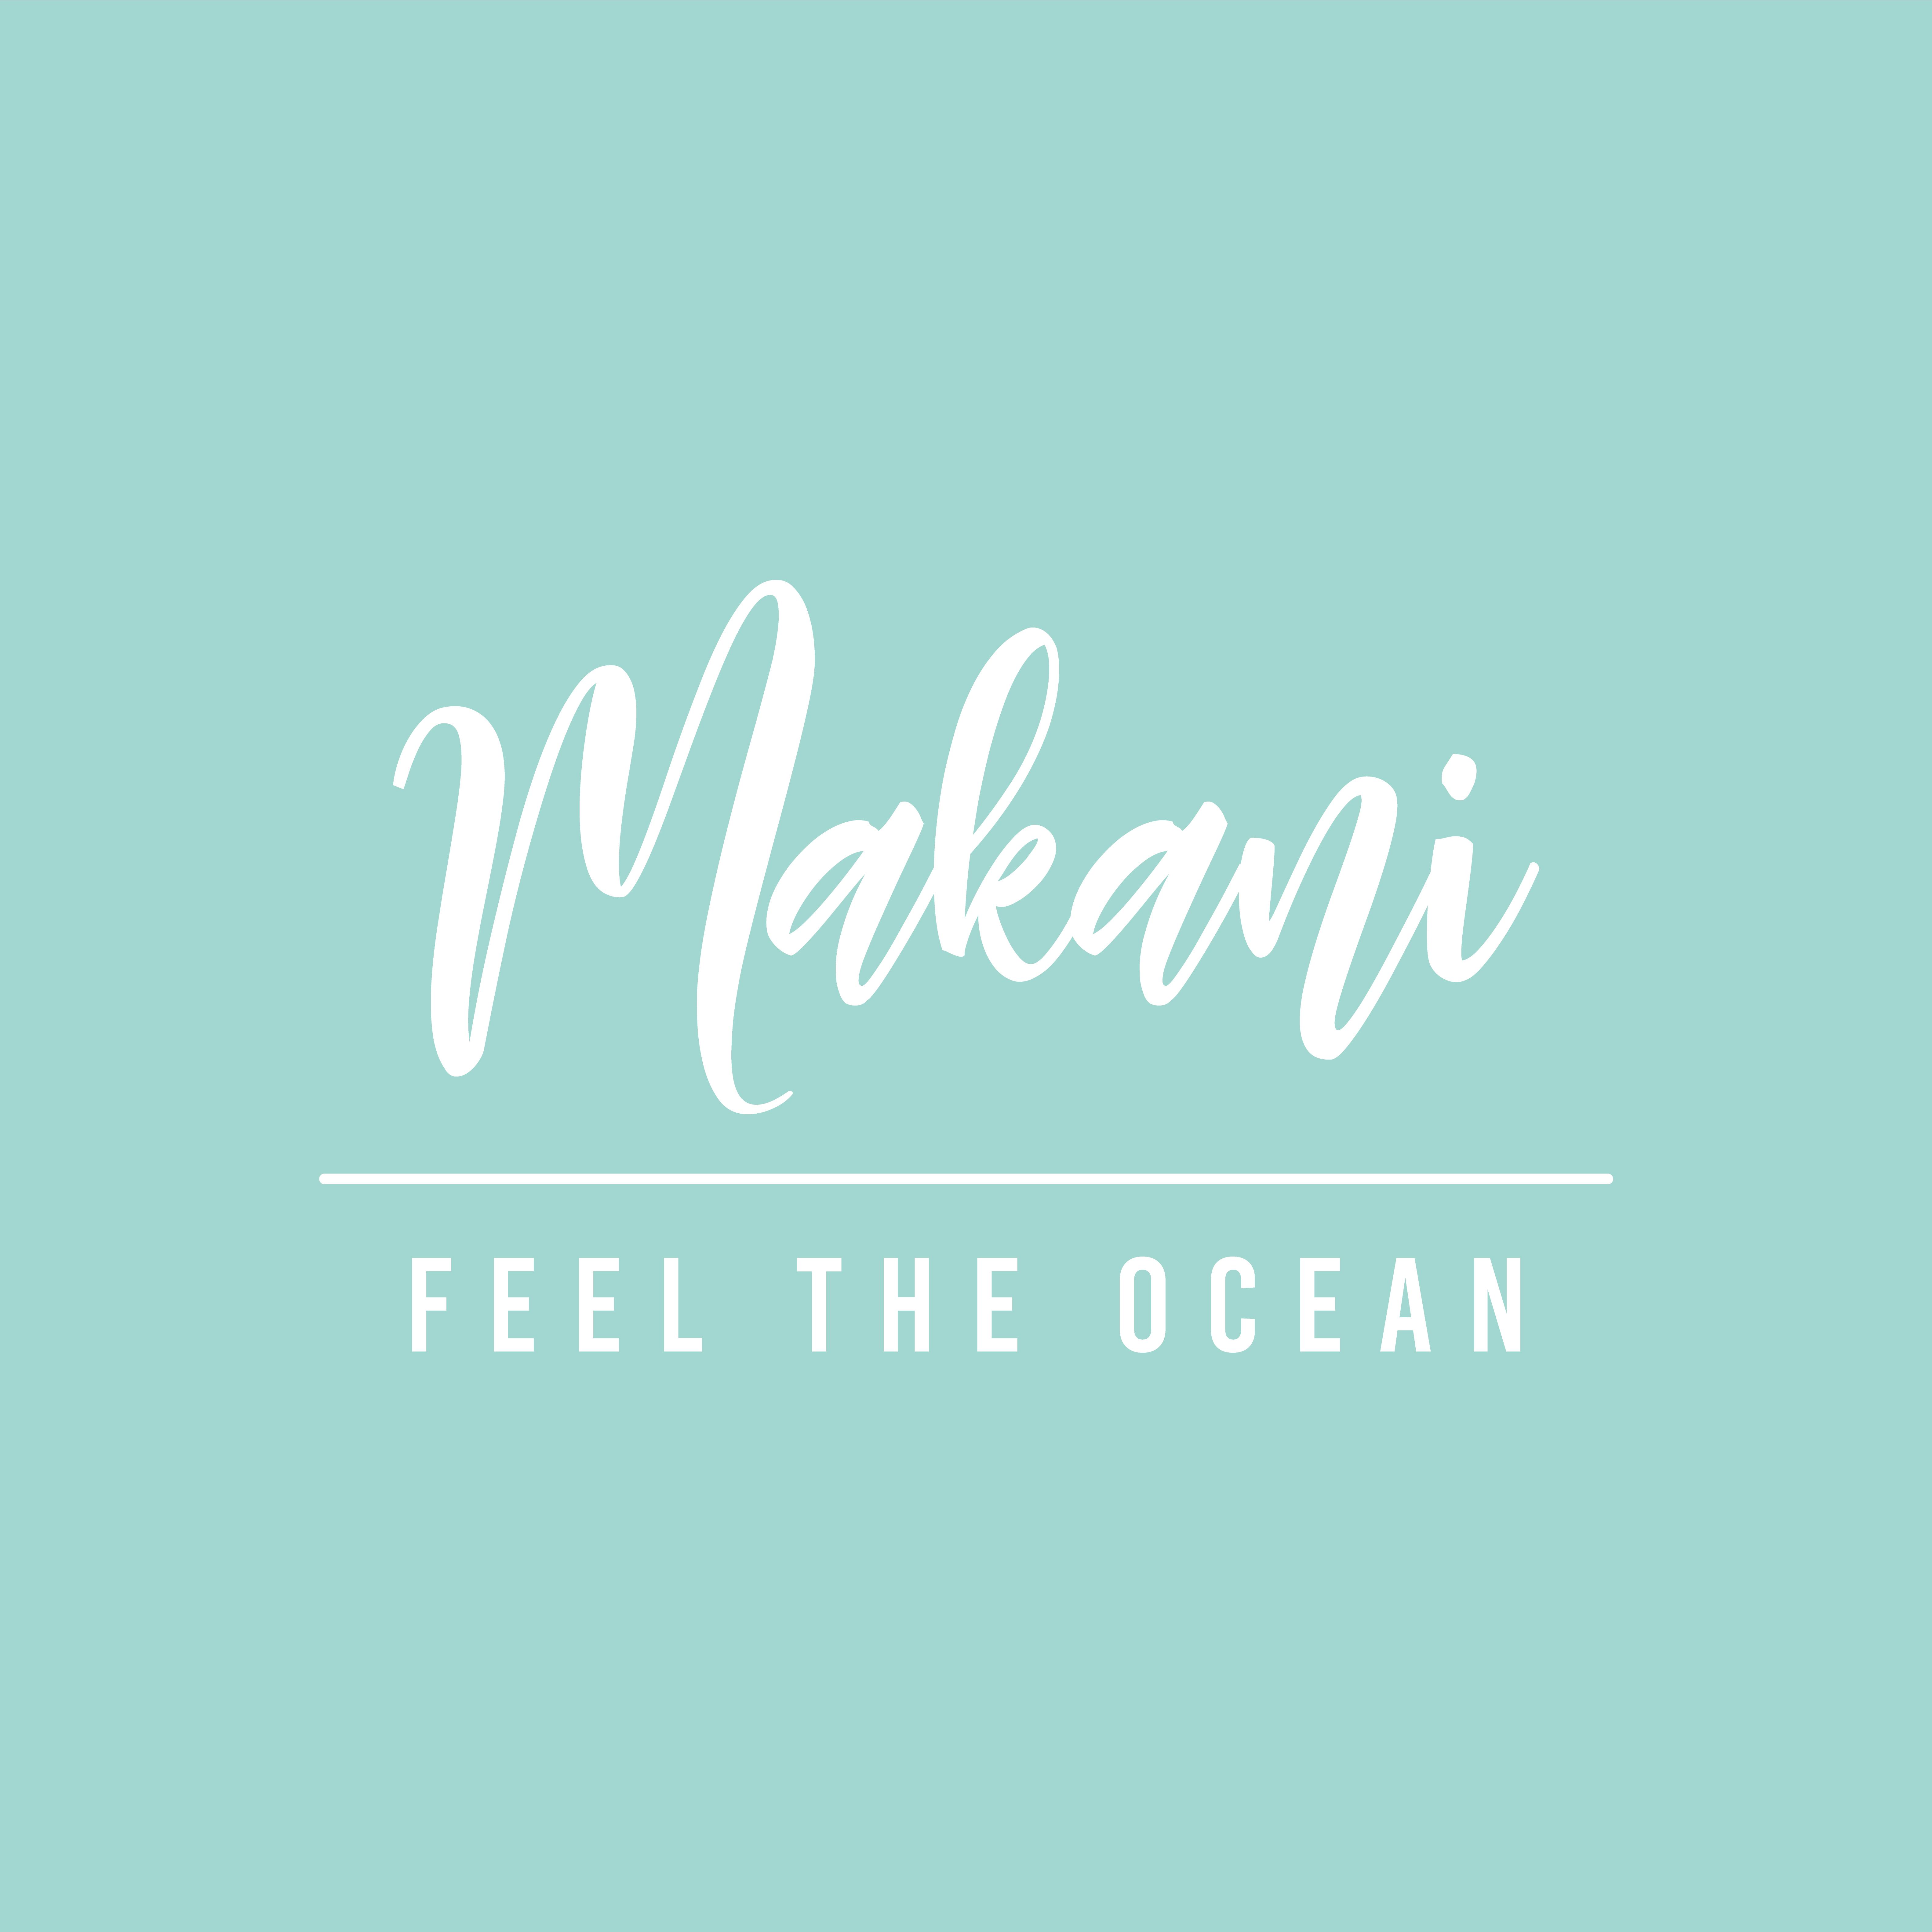 海を感じるグラスサンドアート・ジェルキャンドル|makani 海を感じるハンドメイド雑貨のお店makaniでは、グラスサンドアートやアロマストーンのインストラクターでもあるオーナー:megüが「Feel the ocean」をテーマに海からインスピレーションを受けたオリジナル雑貨をお作りしています。体験レッスンやワークショップ、オーダーメイドもお気軽にお問合せ下さい。